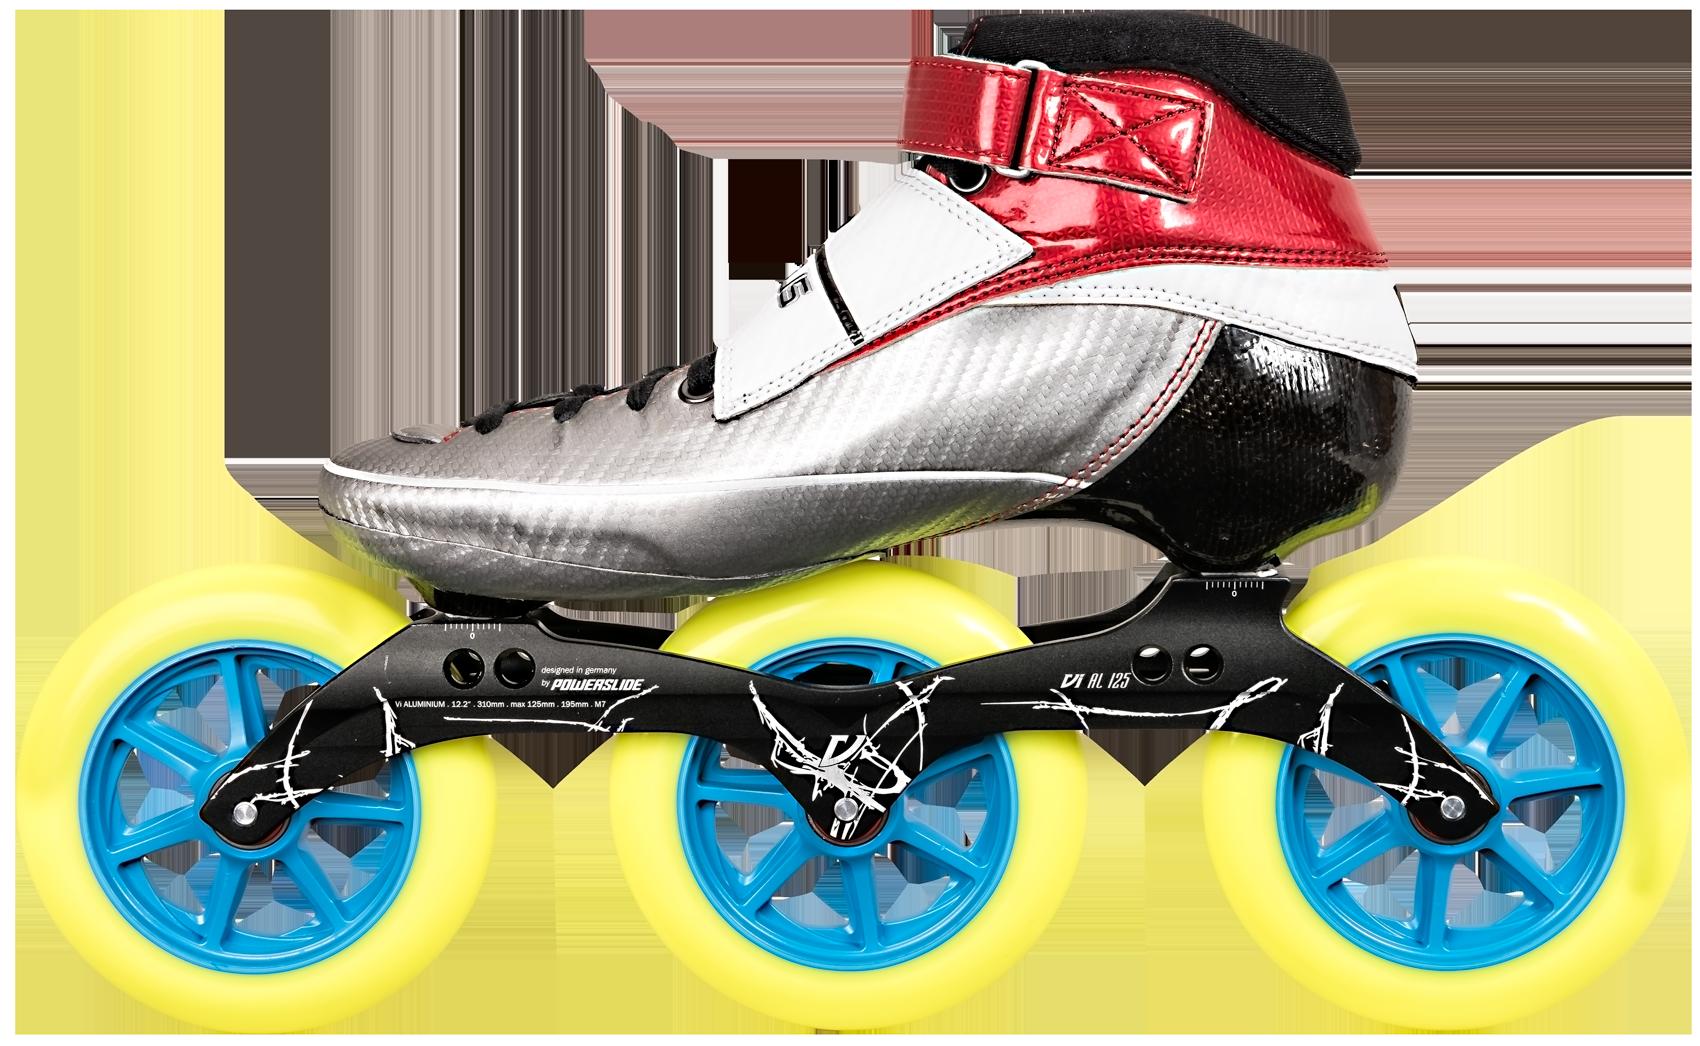 c710d266c09 CadoMotus New Speed 110 3x125mm bestellen bij Skate-dump.com